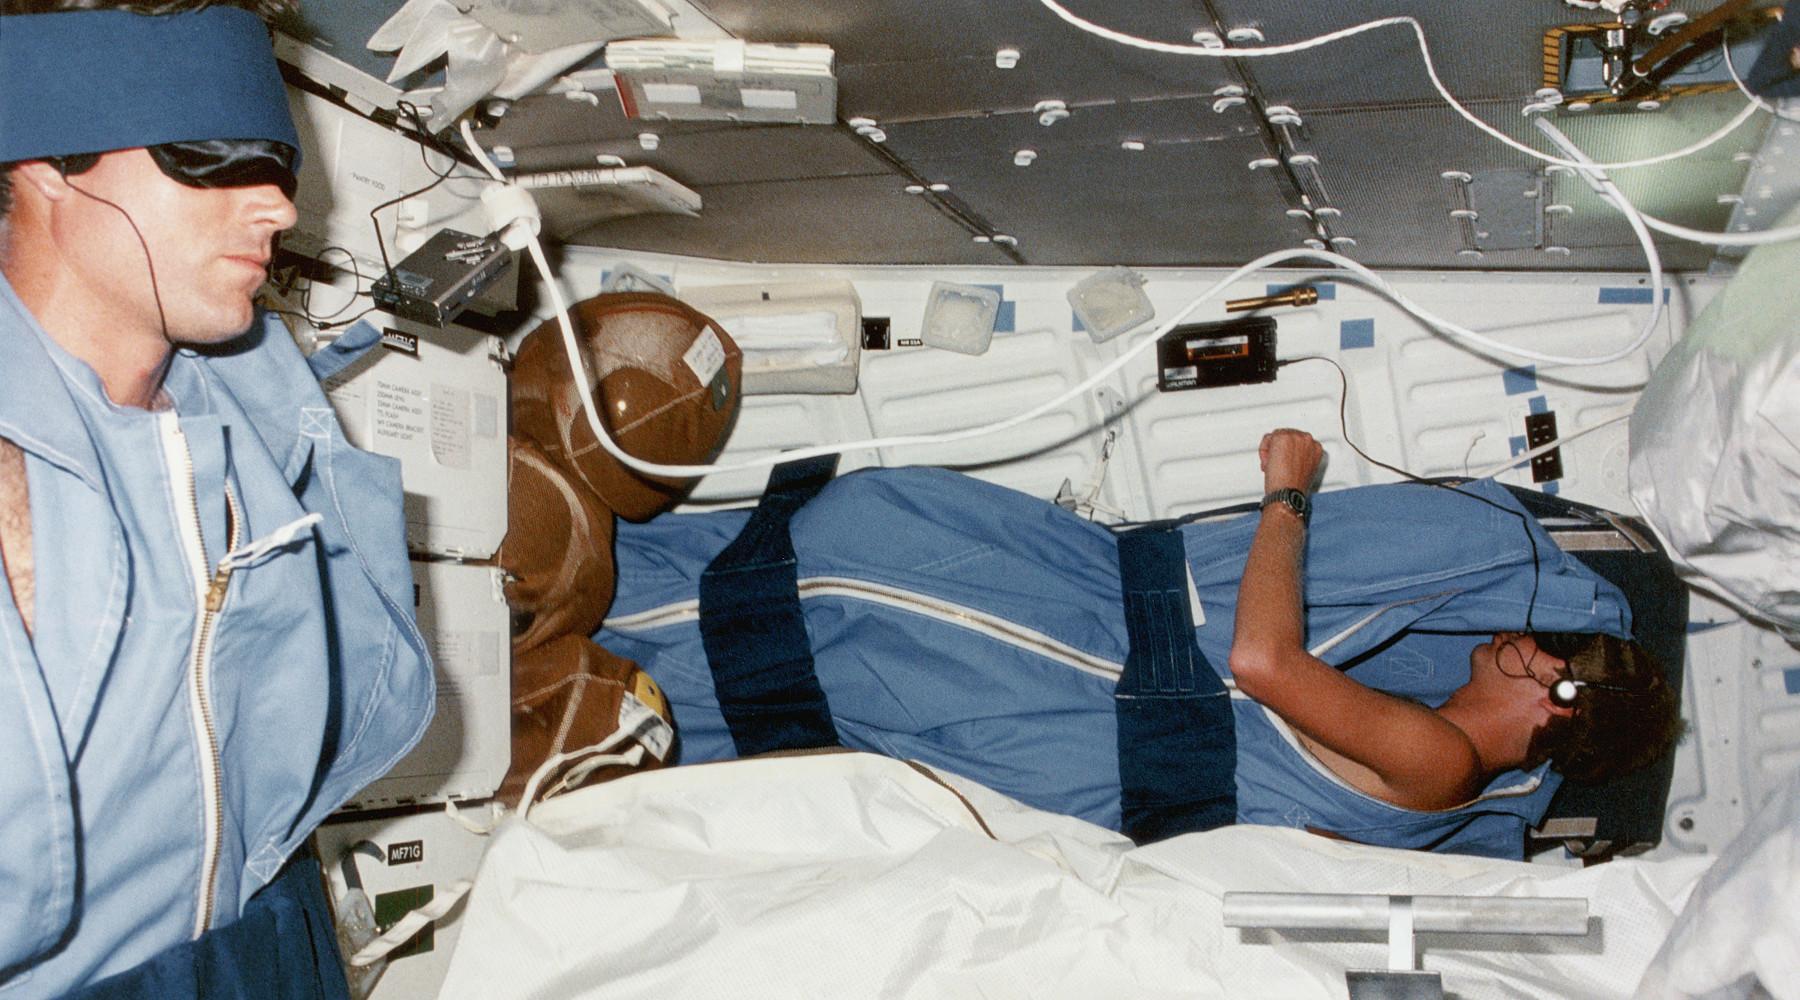 Насколько эффективен метод погружения космонавтов в «спячку»